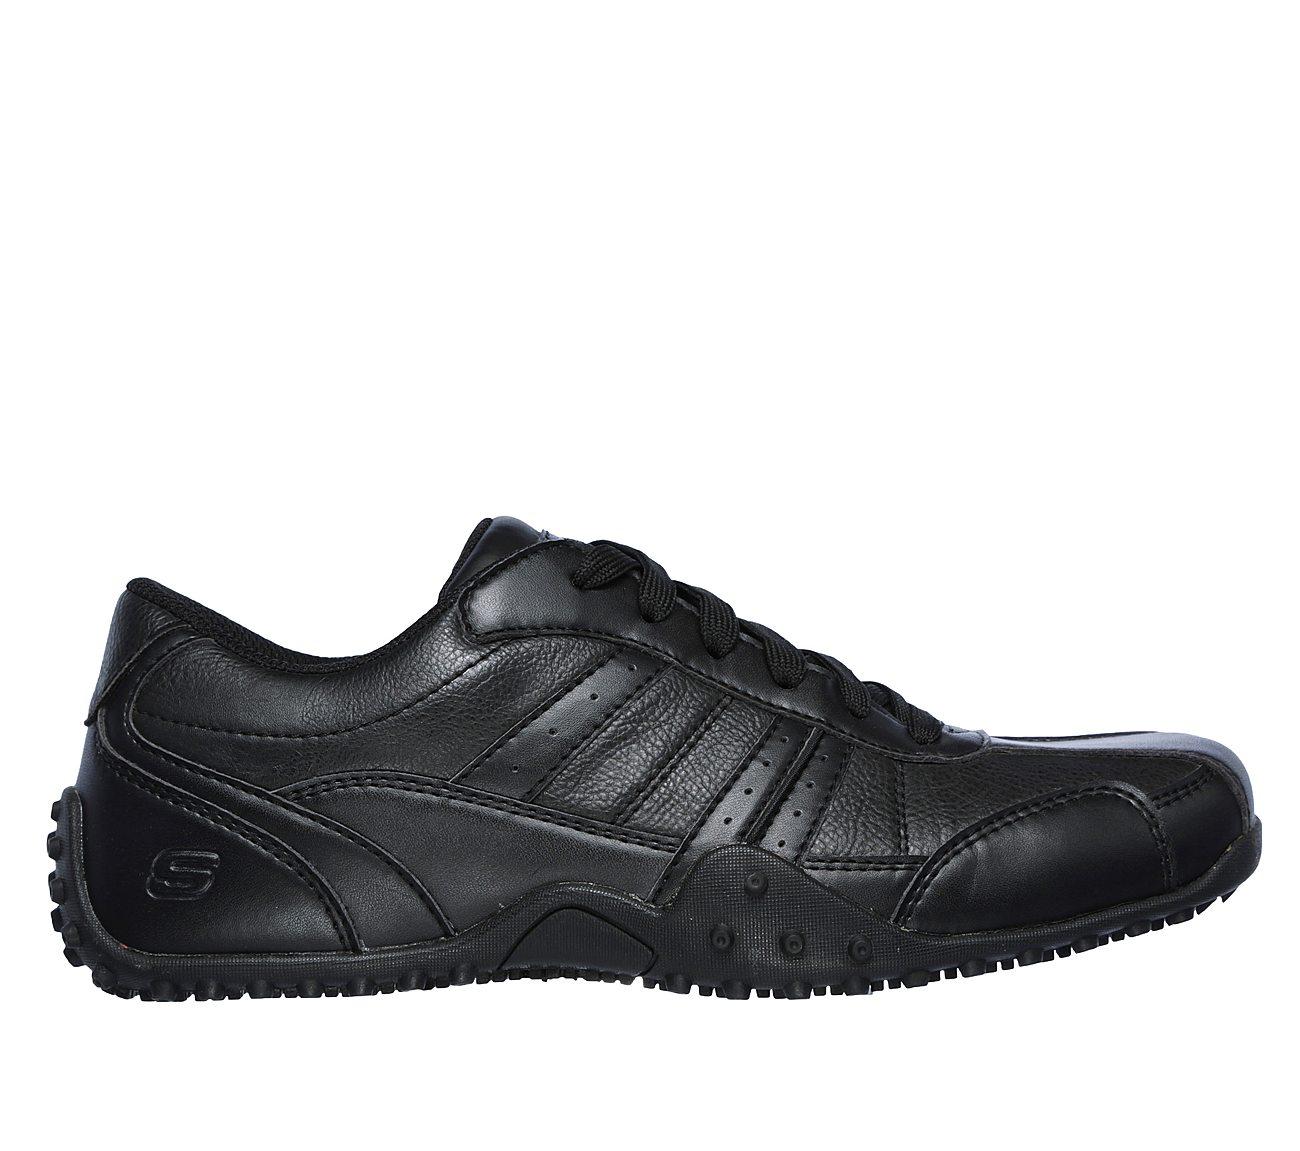 SKECHERS Work Men's Elston Black Sneaker 14 D (M) jJgzR5M